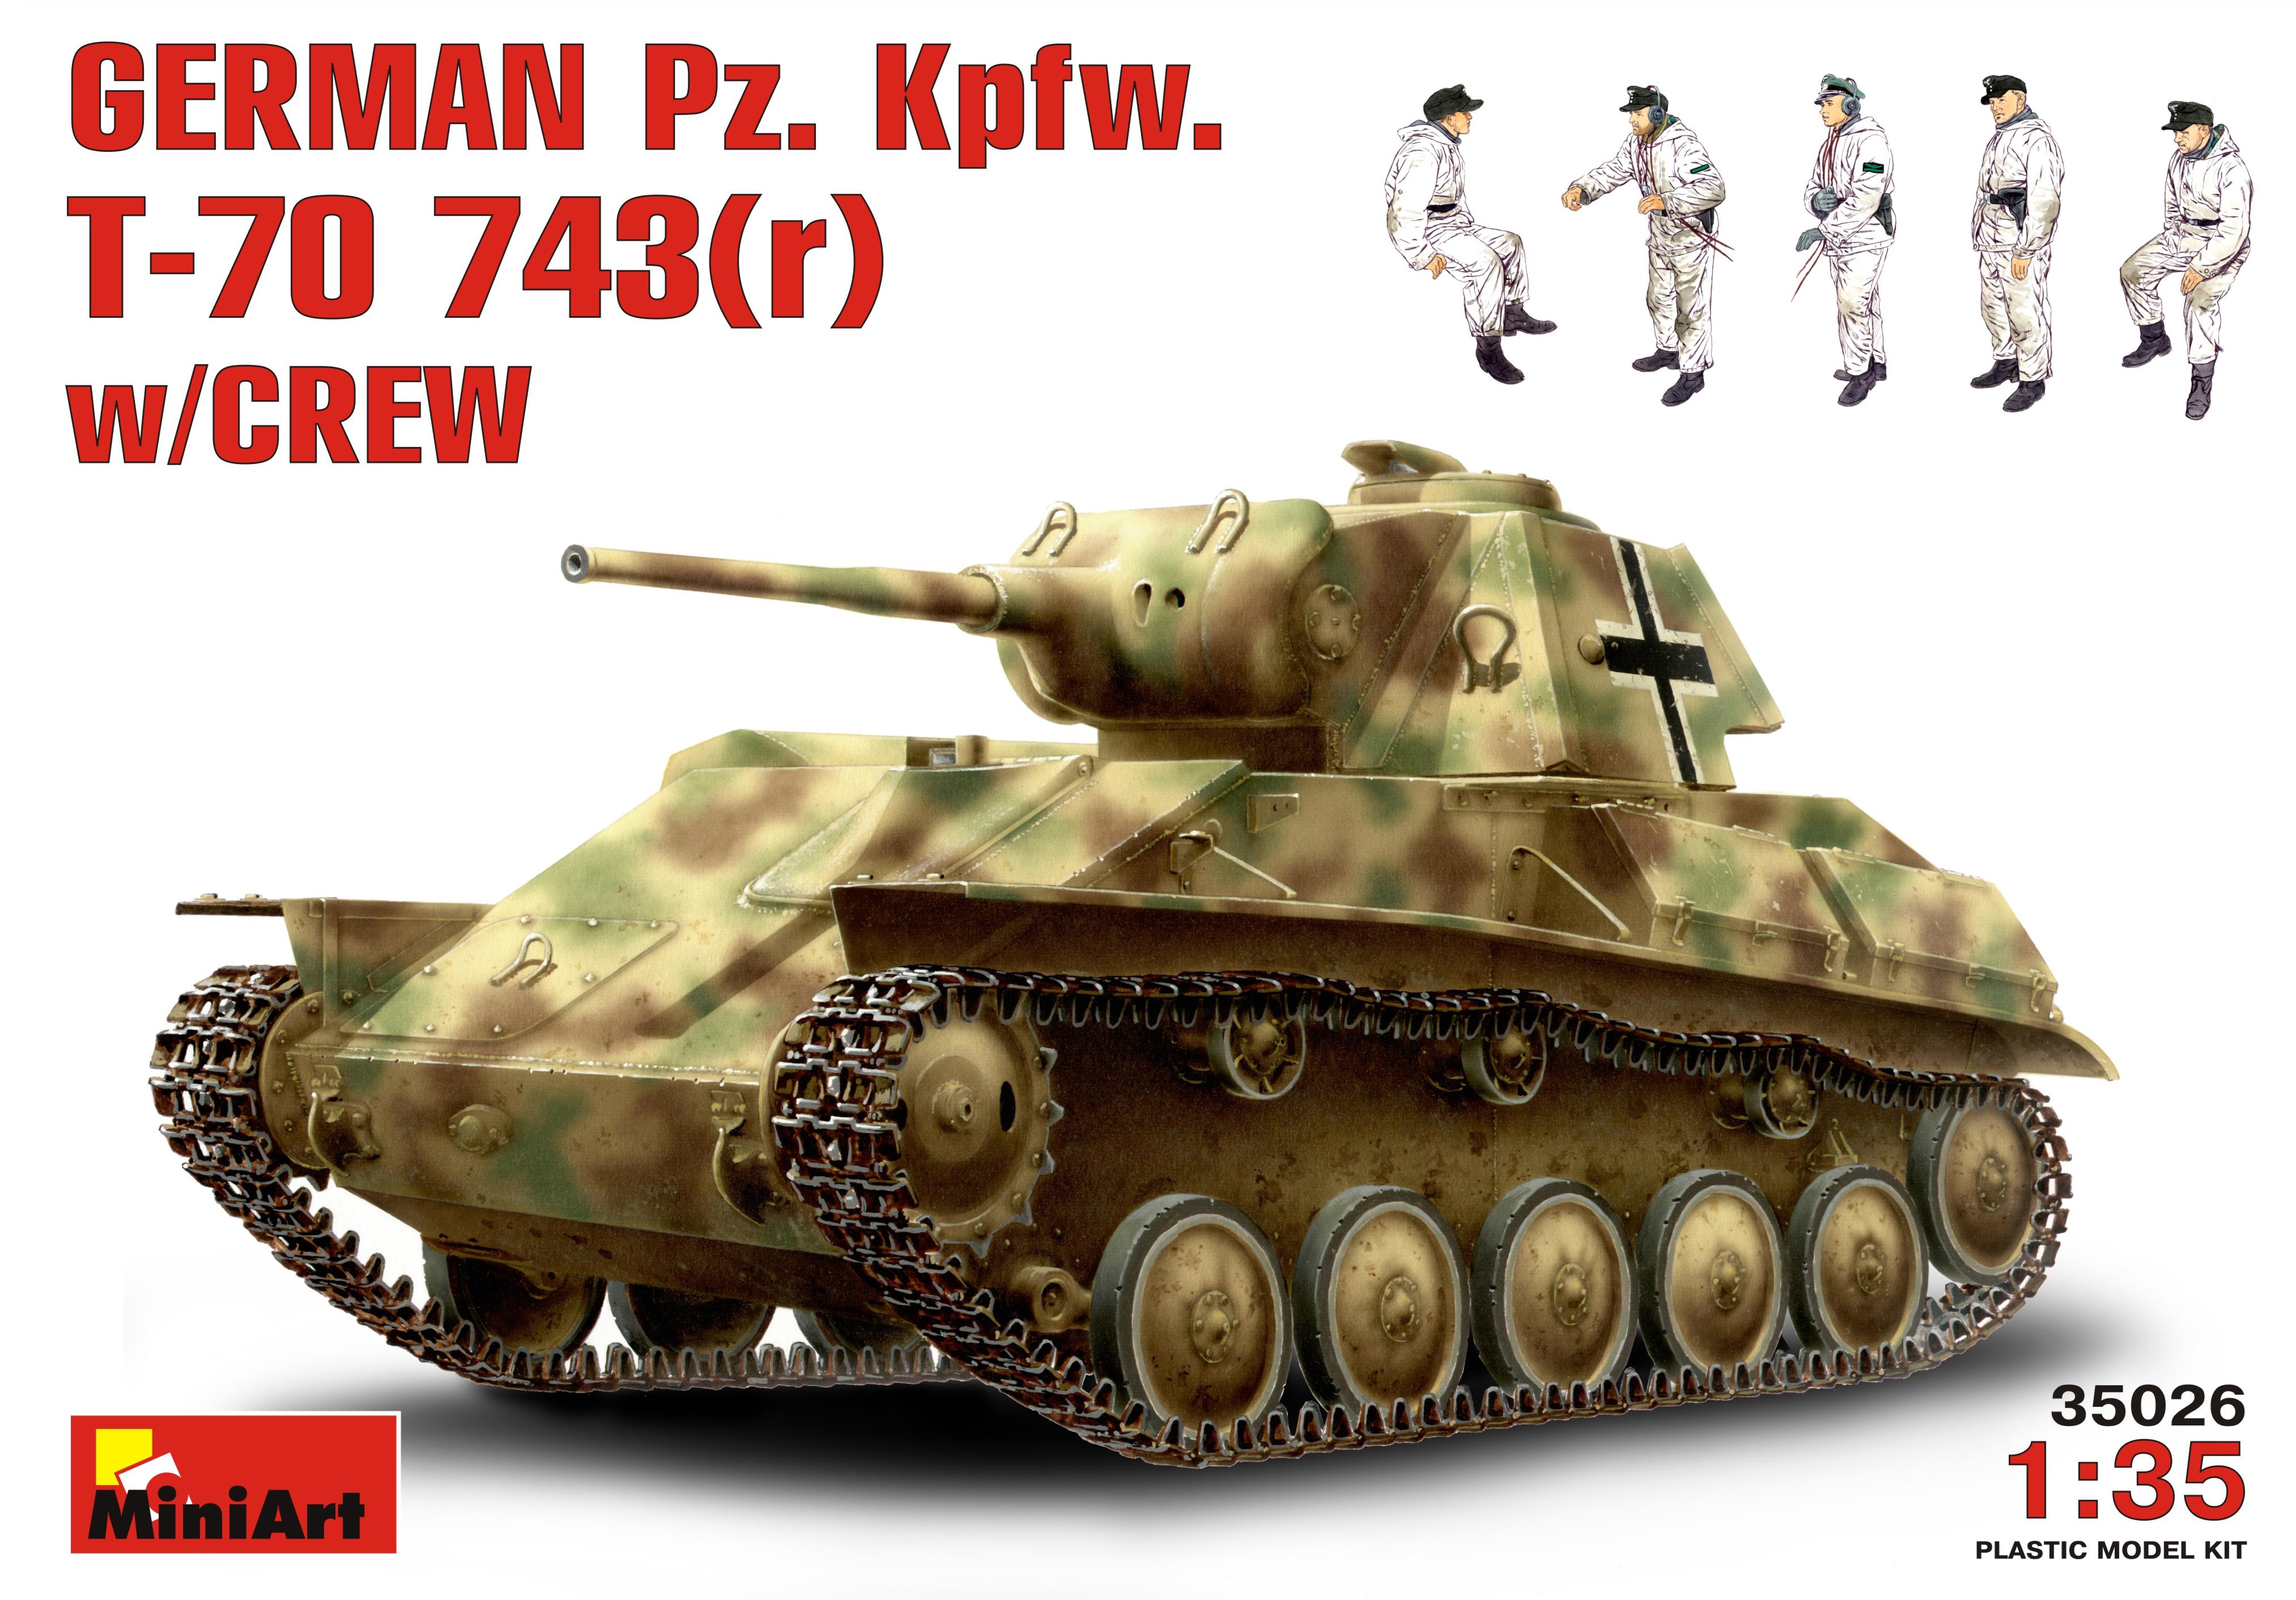 GERMAN Pz. Kpfw. T-70 743(r) w/CREW